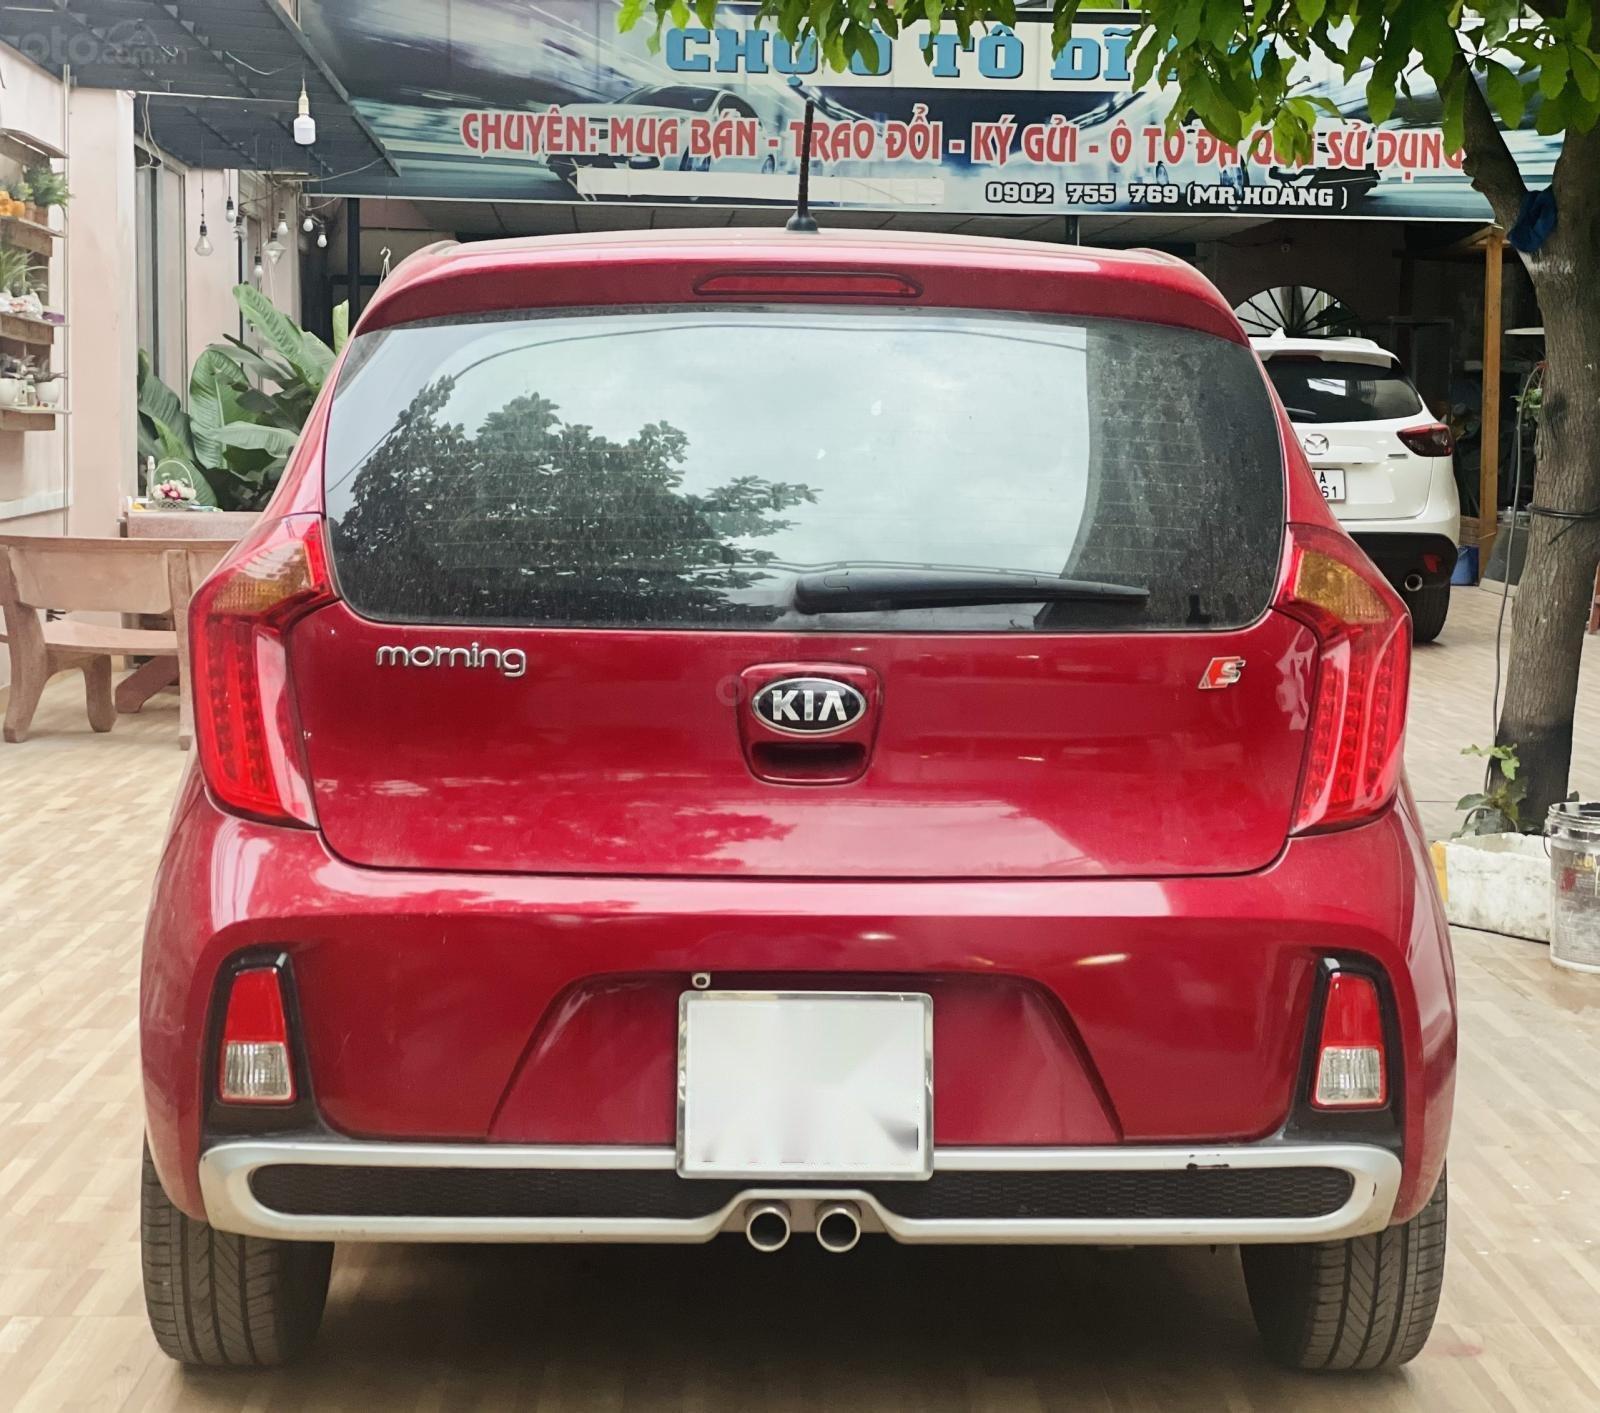 Cần bán xe Morning S AT màu đỏ, sản xuất năm 2018, biển thành phố, đi zin 3000 km, xe lướt như mới chỉ hơn 300 triệu (6)